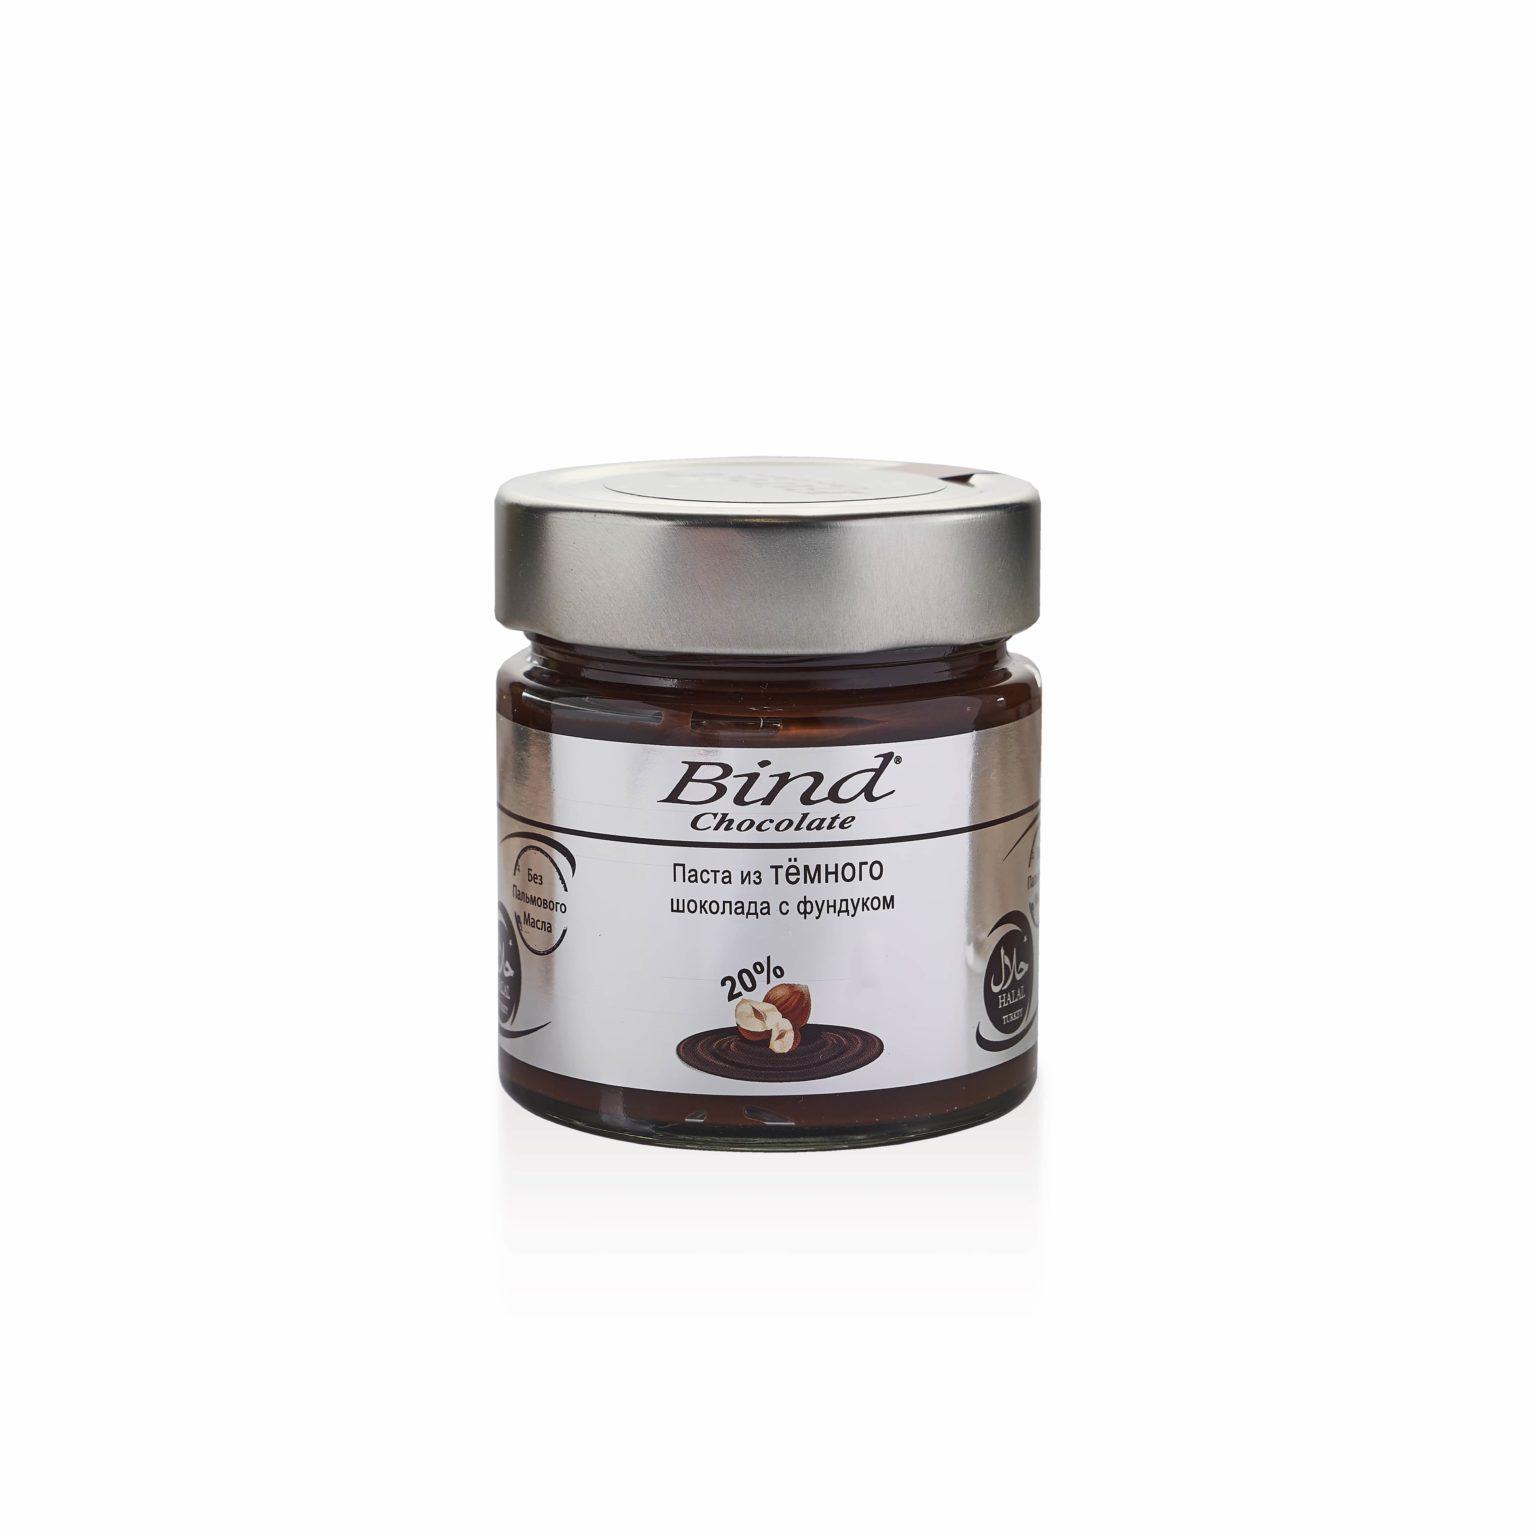 Вкуснейшая паста из темного шоколада и фундука - фото 3